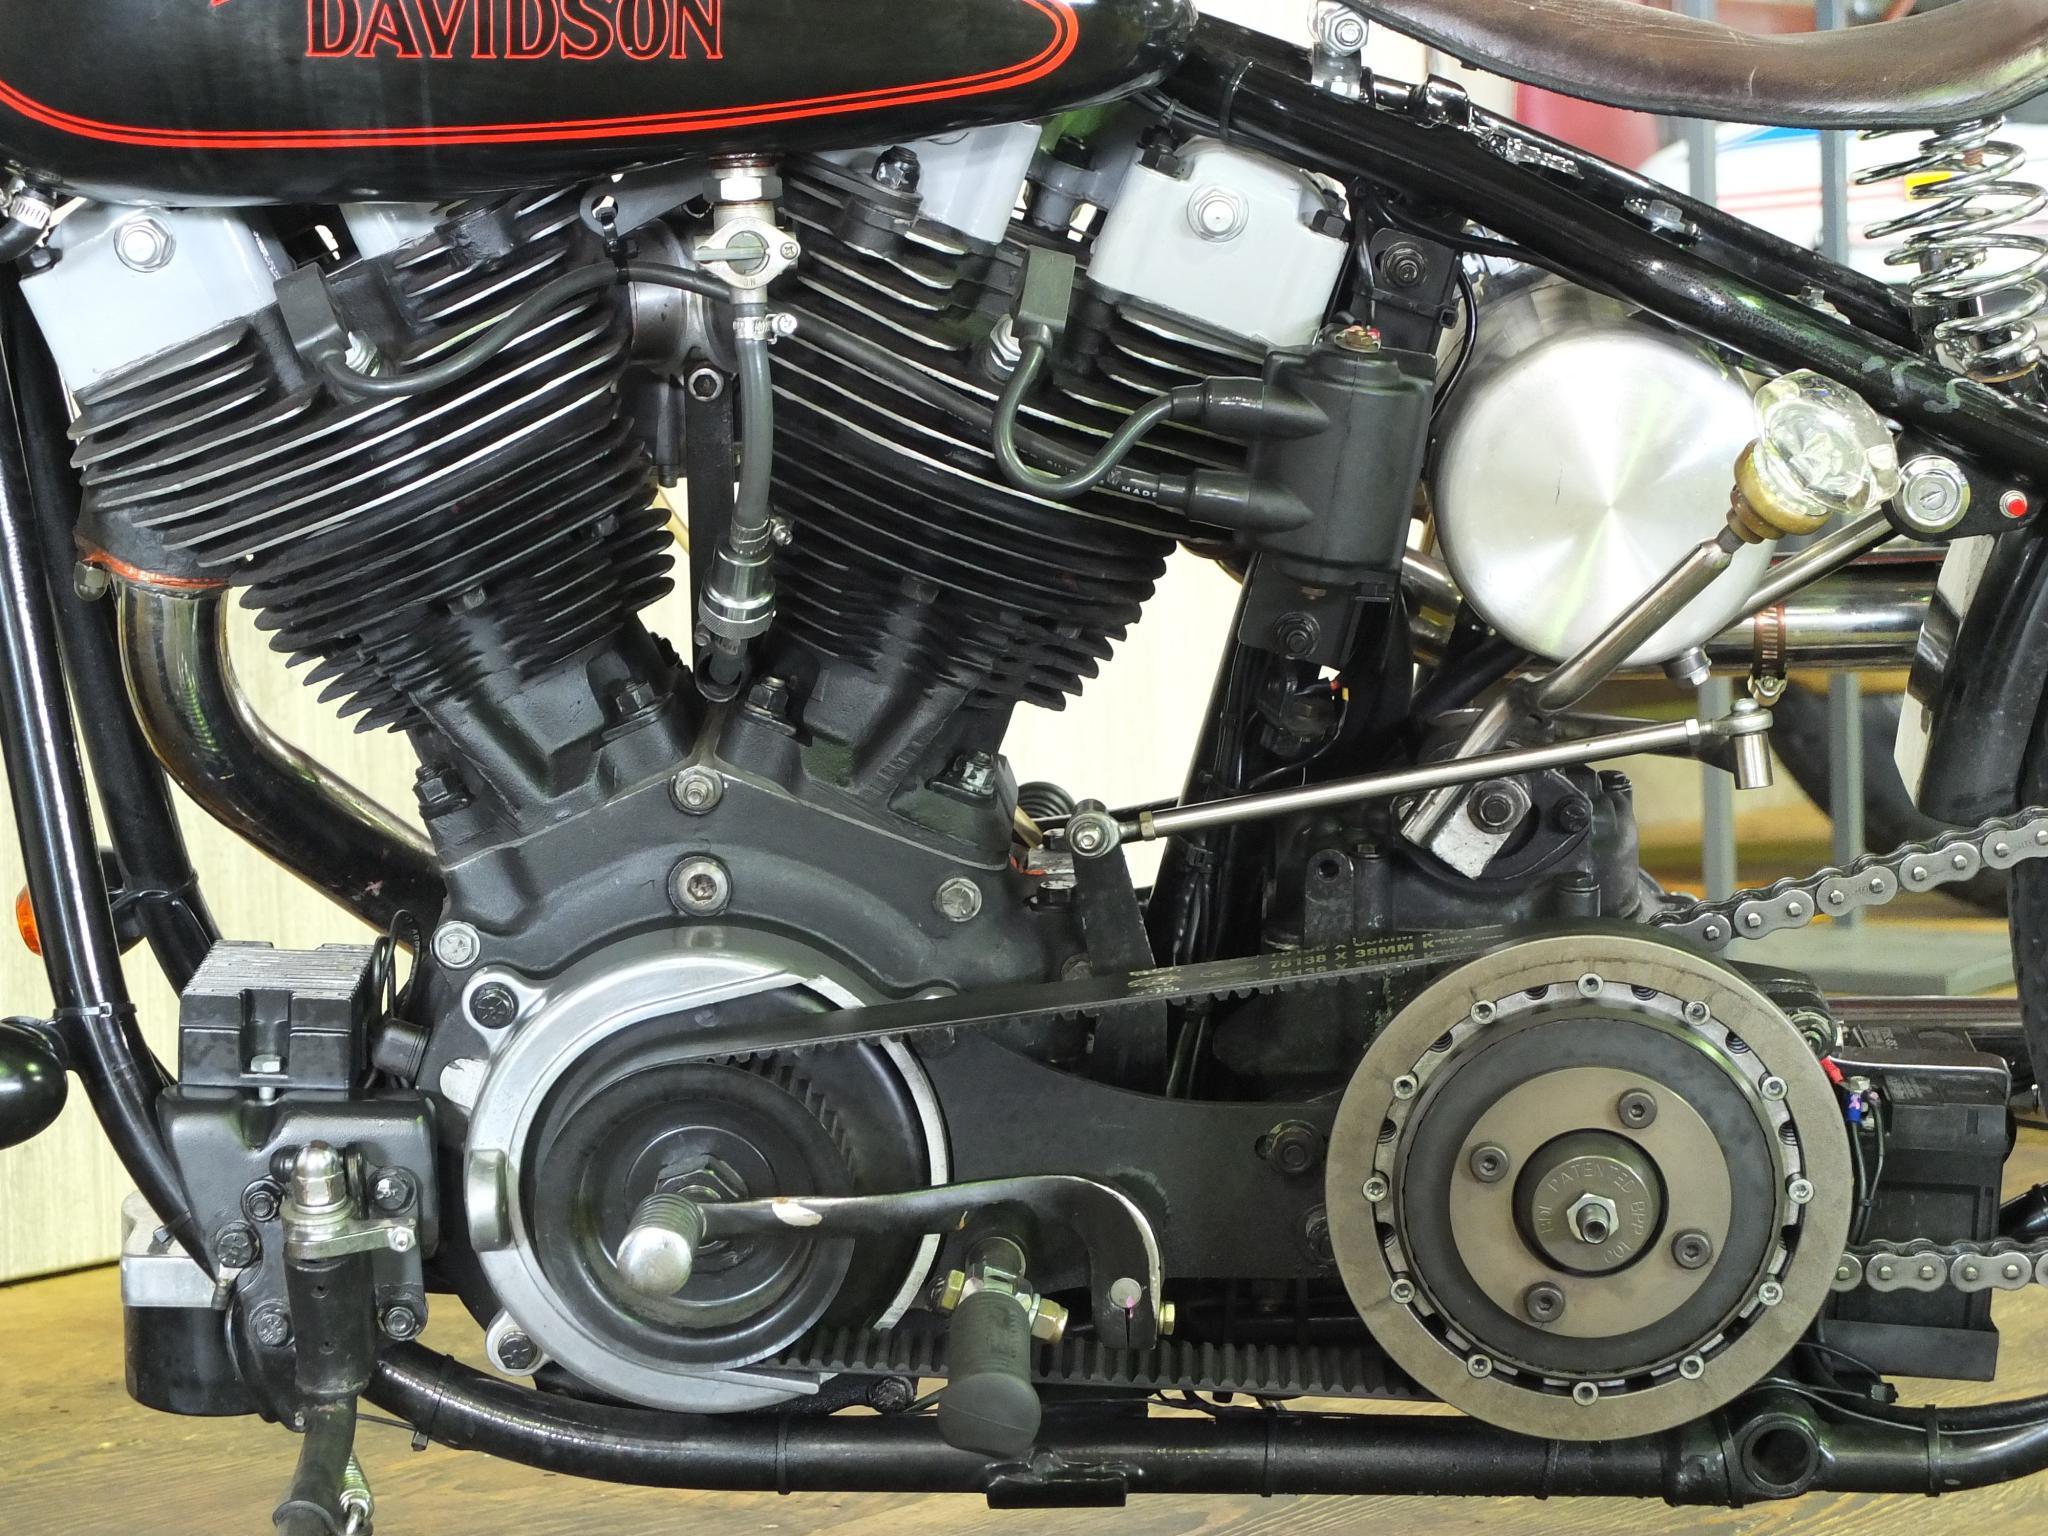 ハーレーダビッドソン 1979 FXS Custom 車体写真8